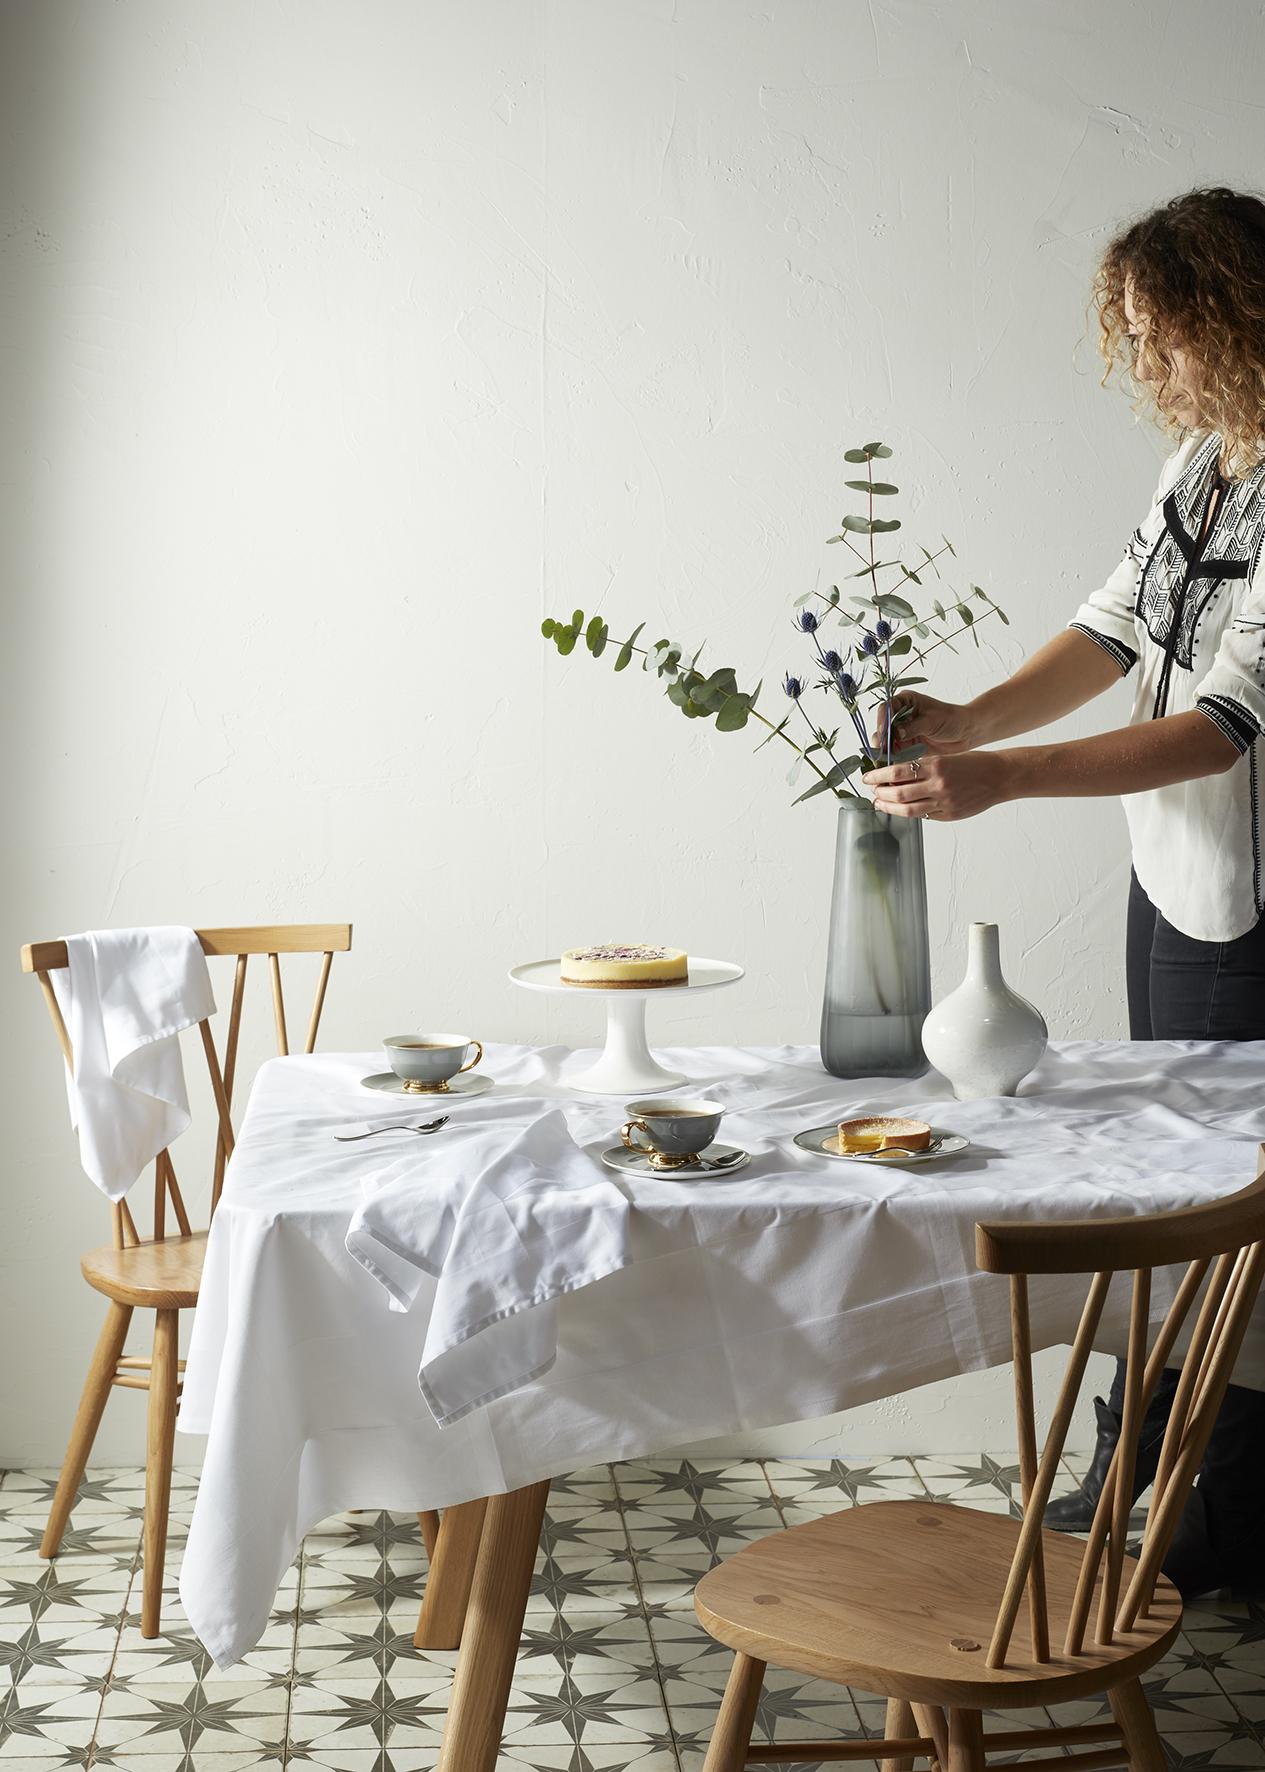 Lauren Becker - interiors & food stylist